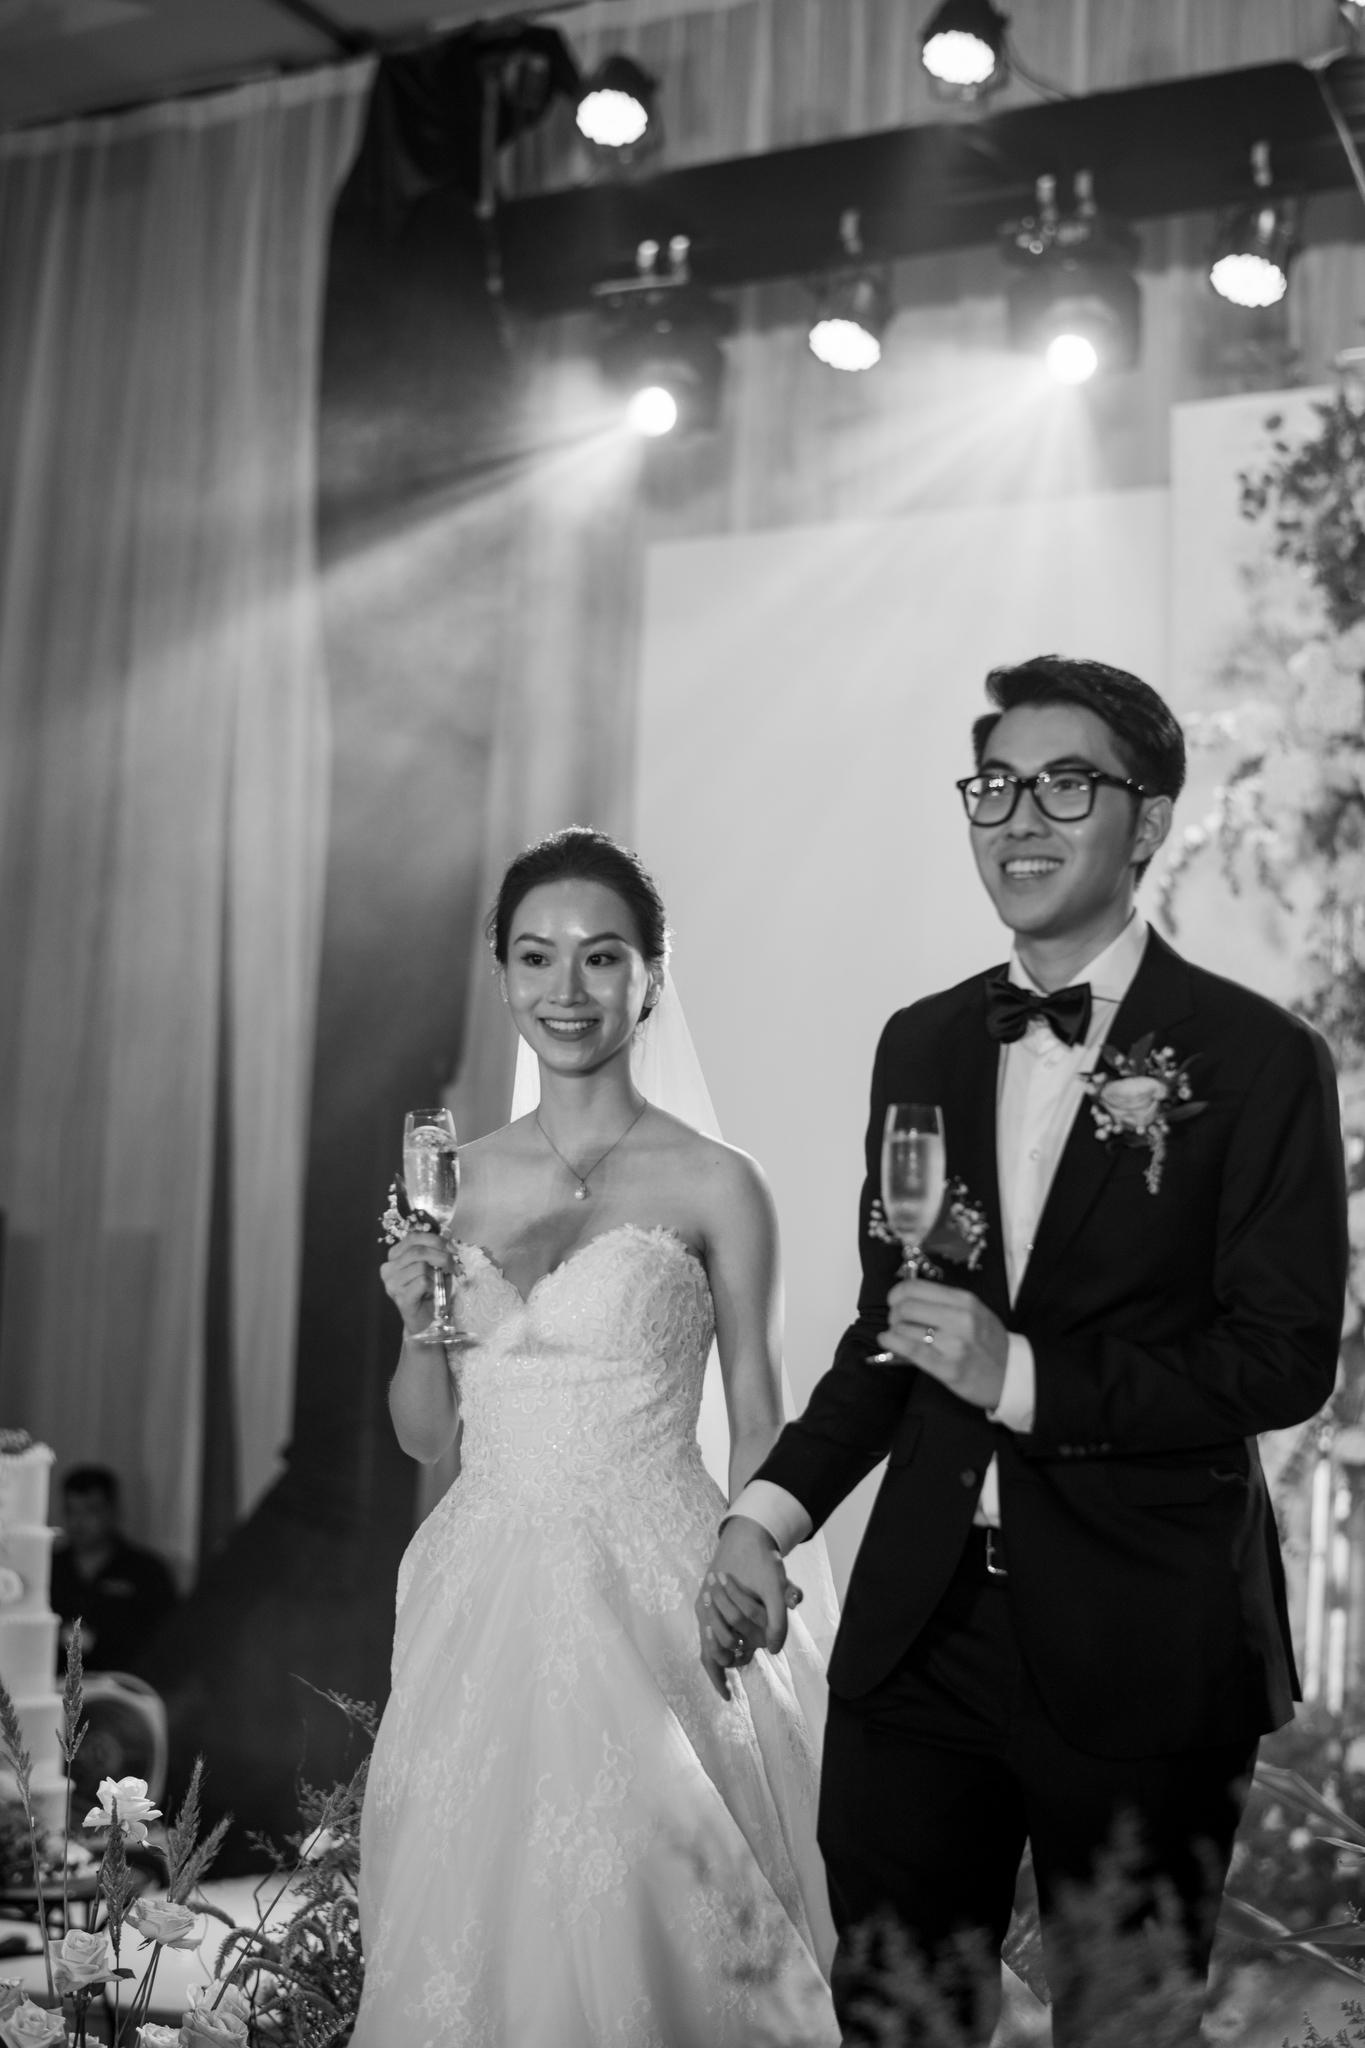 https://huk.s3.amazonaws.com/uploads/image/source/1453/Phuong-Diep-HN-Ceremony-2-0248.JPG